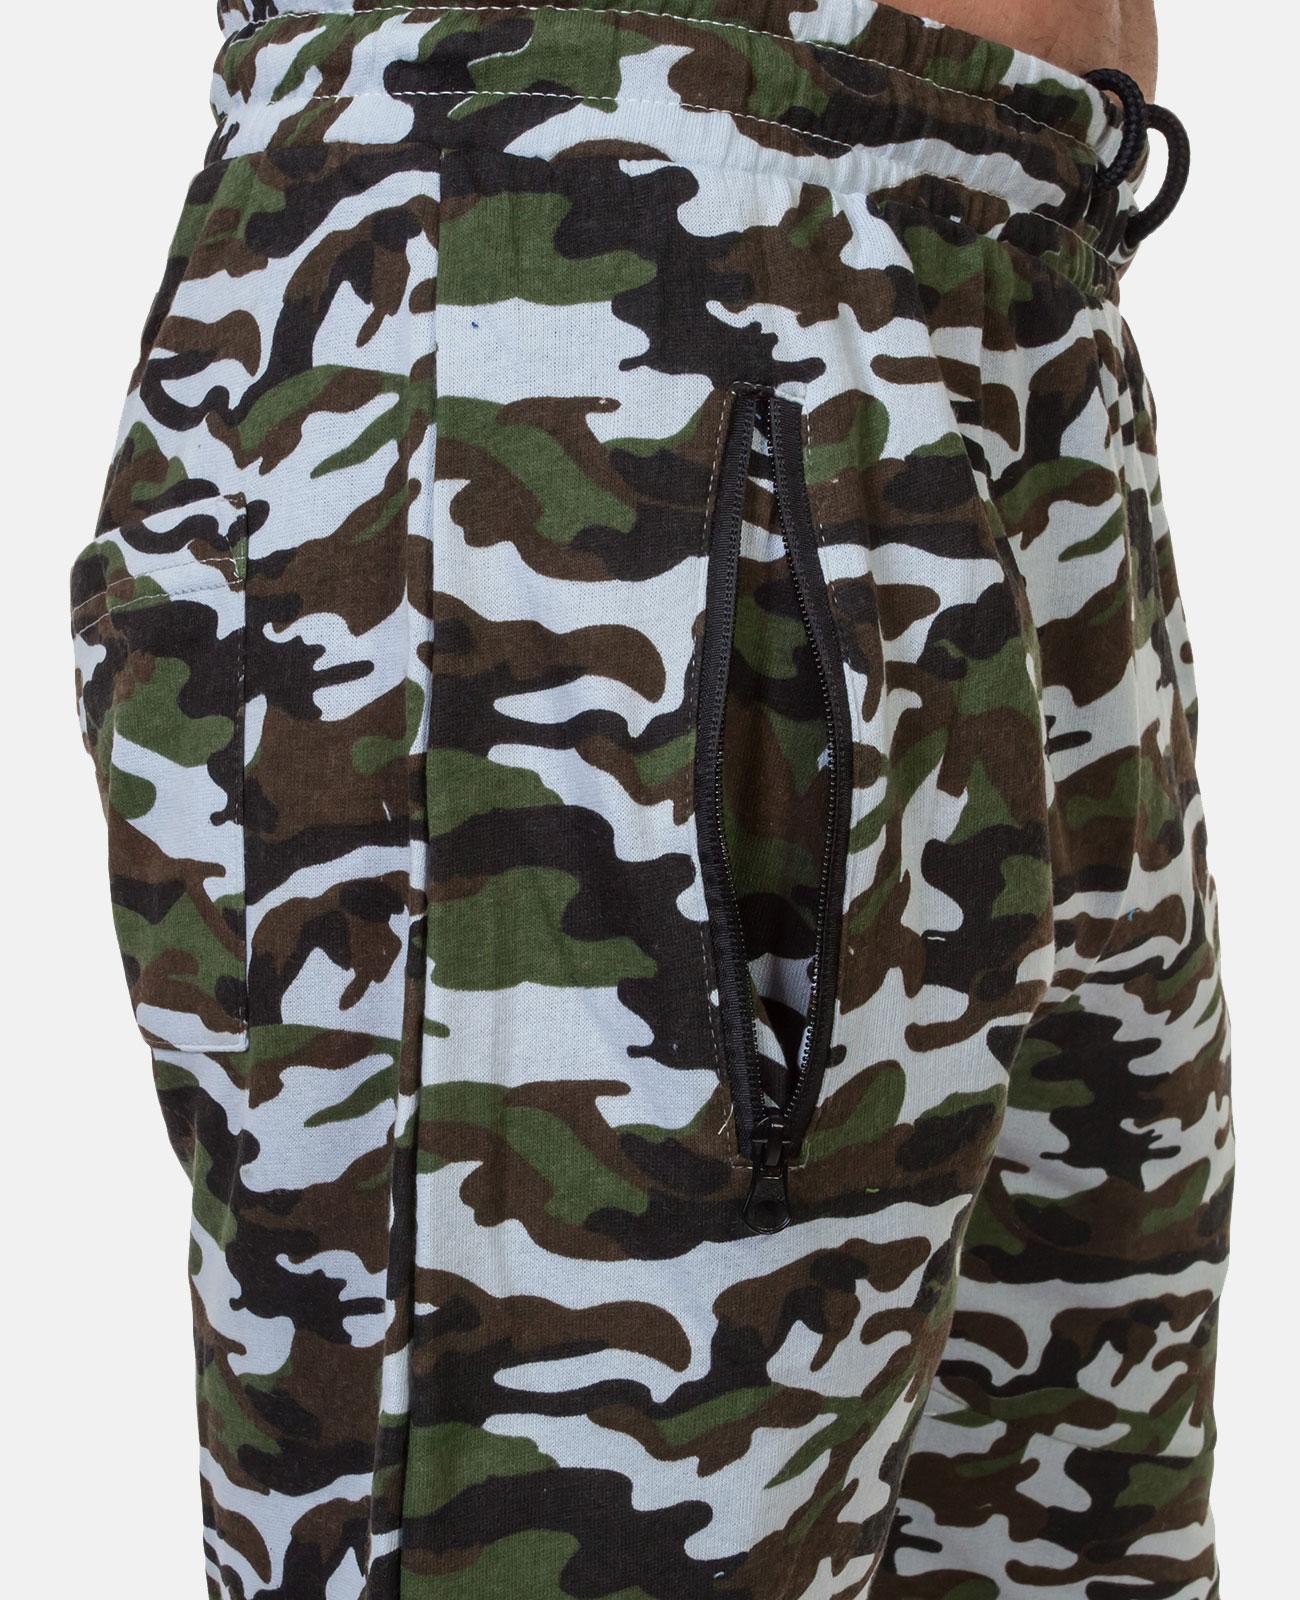 Особенные камуфляжные шорты с нашивкой Росгвардия - купить оптом